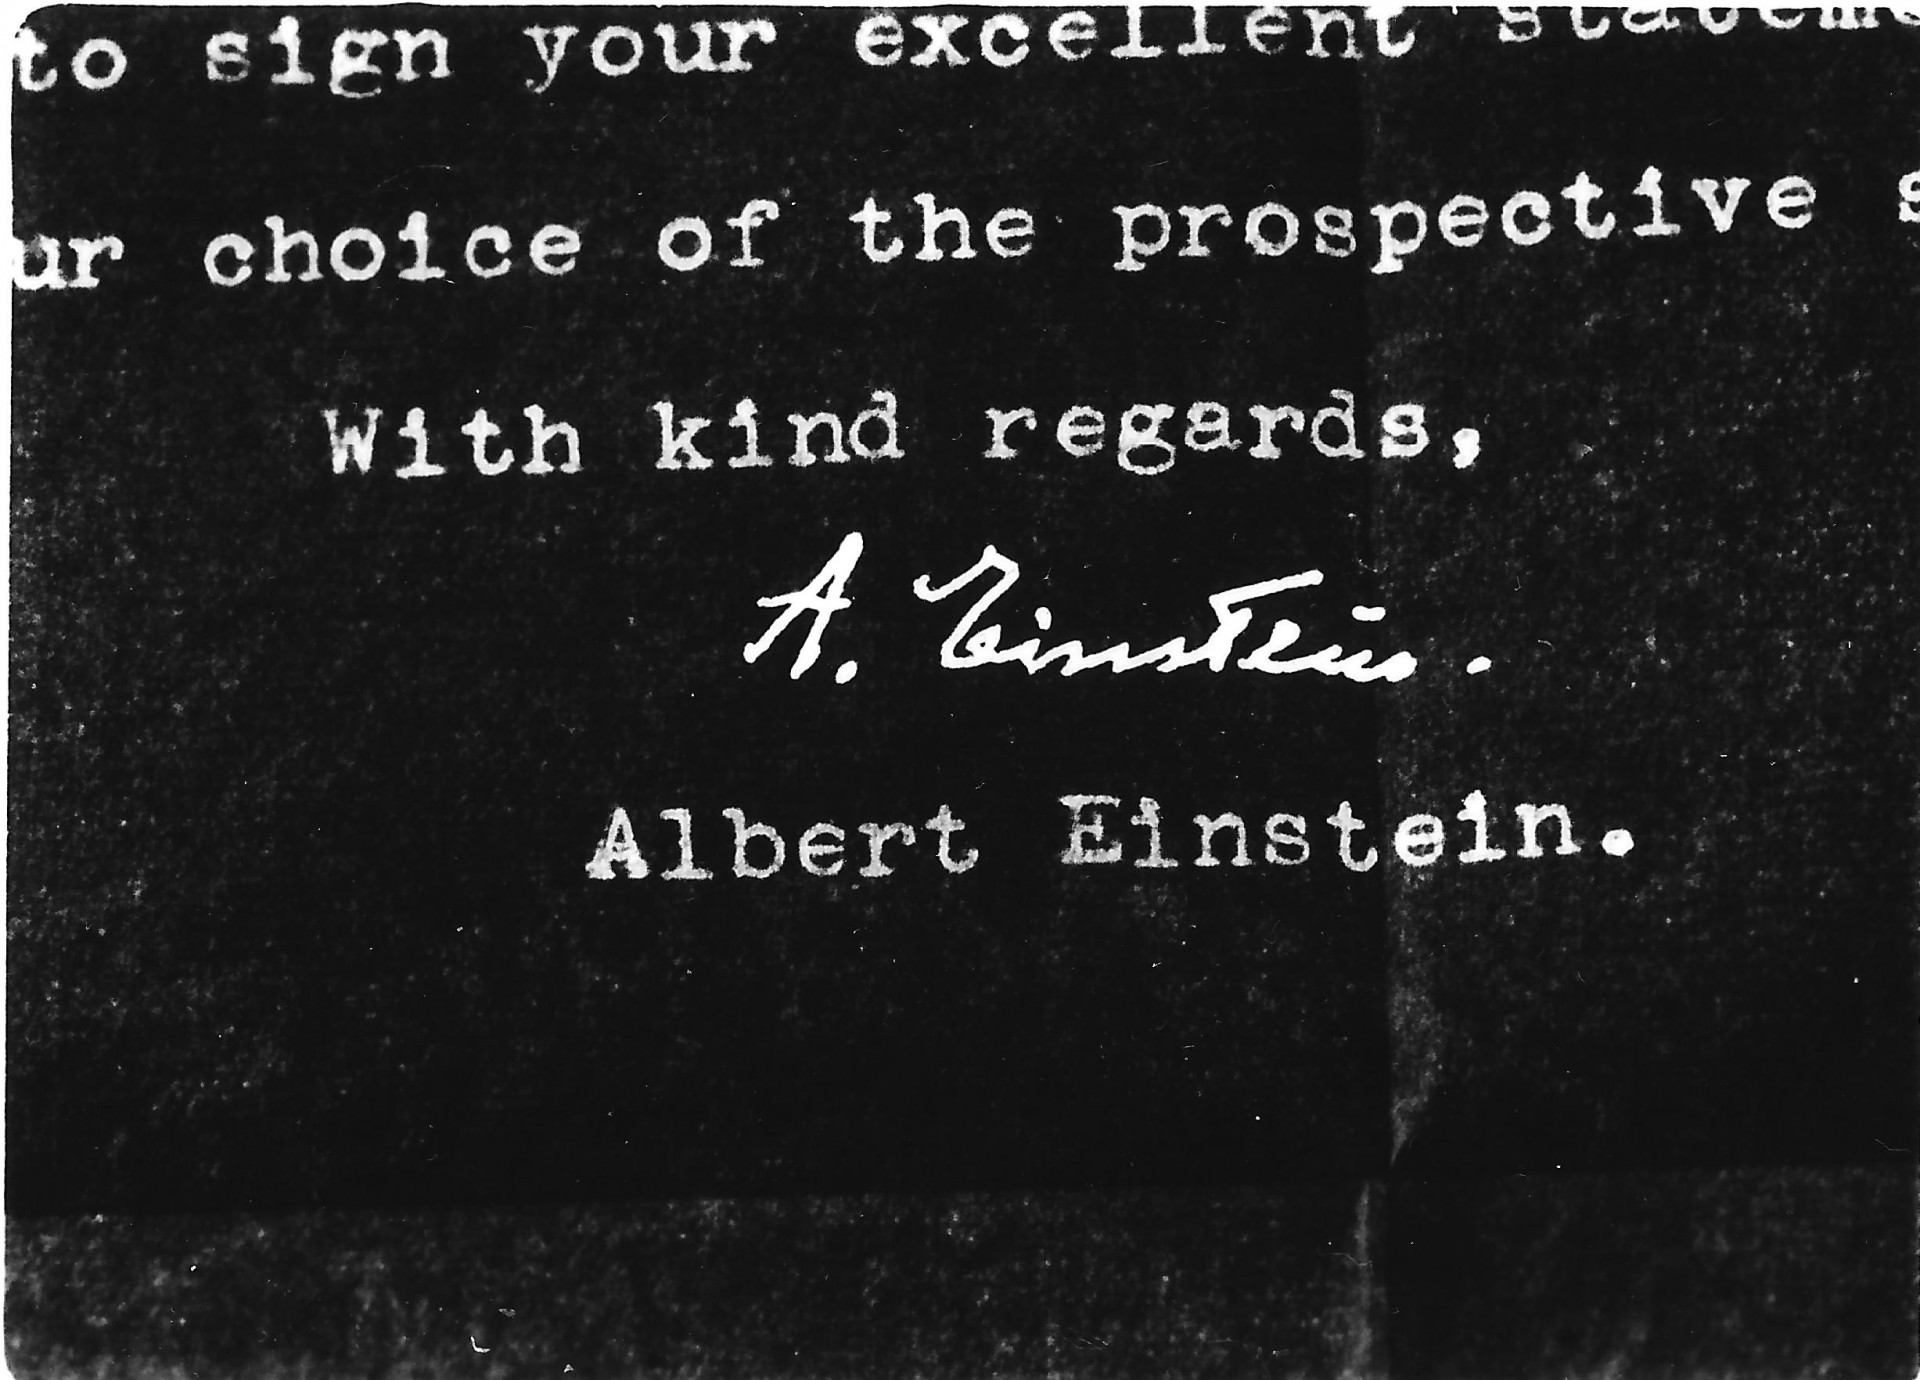 019 Essay Example Albert Einstein Einsteinmanifesto Highres Awesome Essays In Humanism Pdf Science Kannada 1920